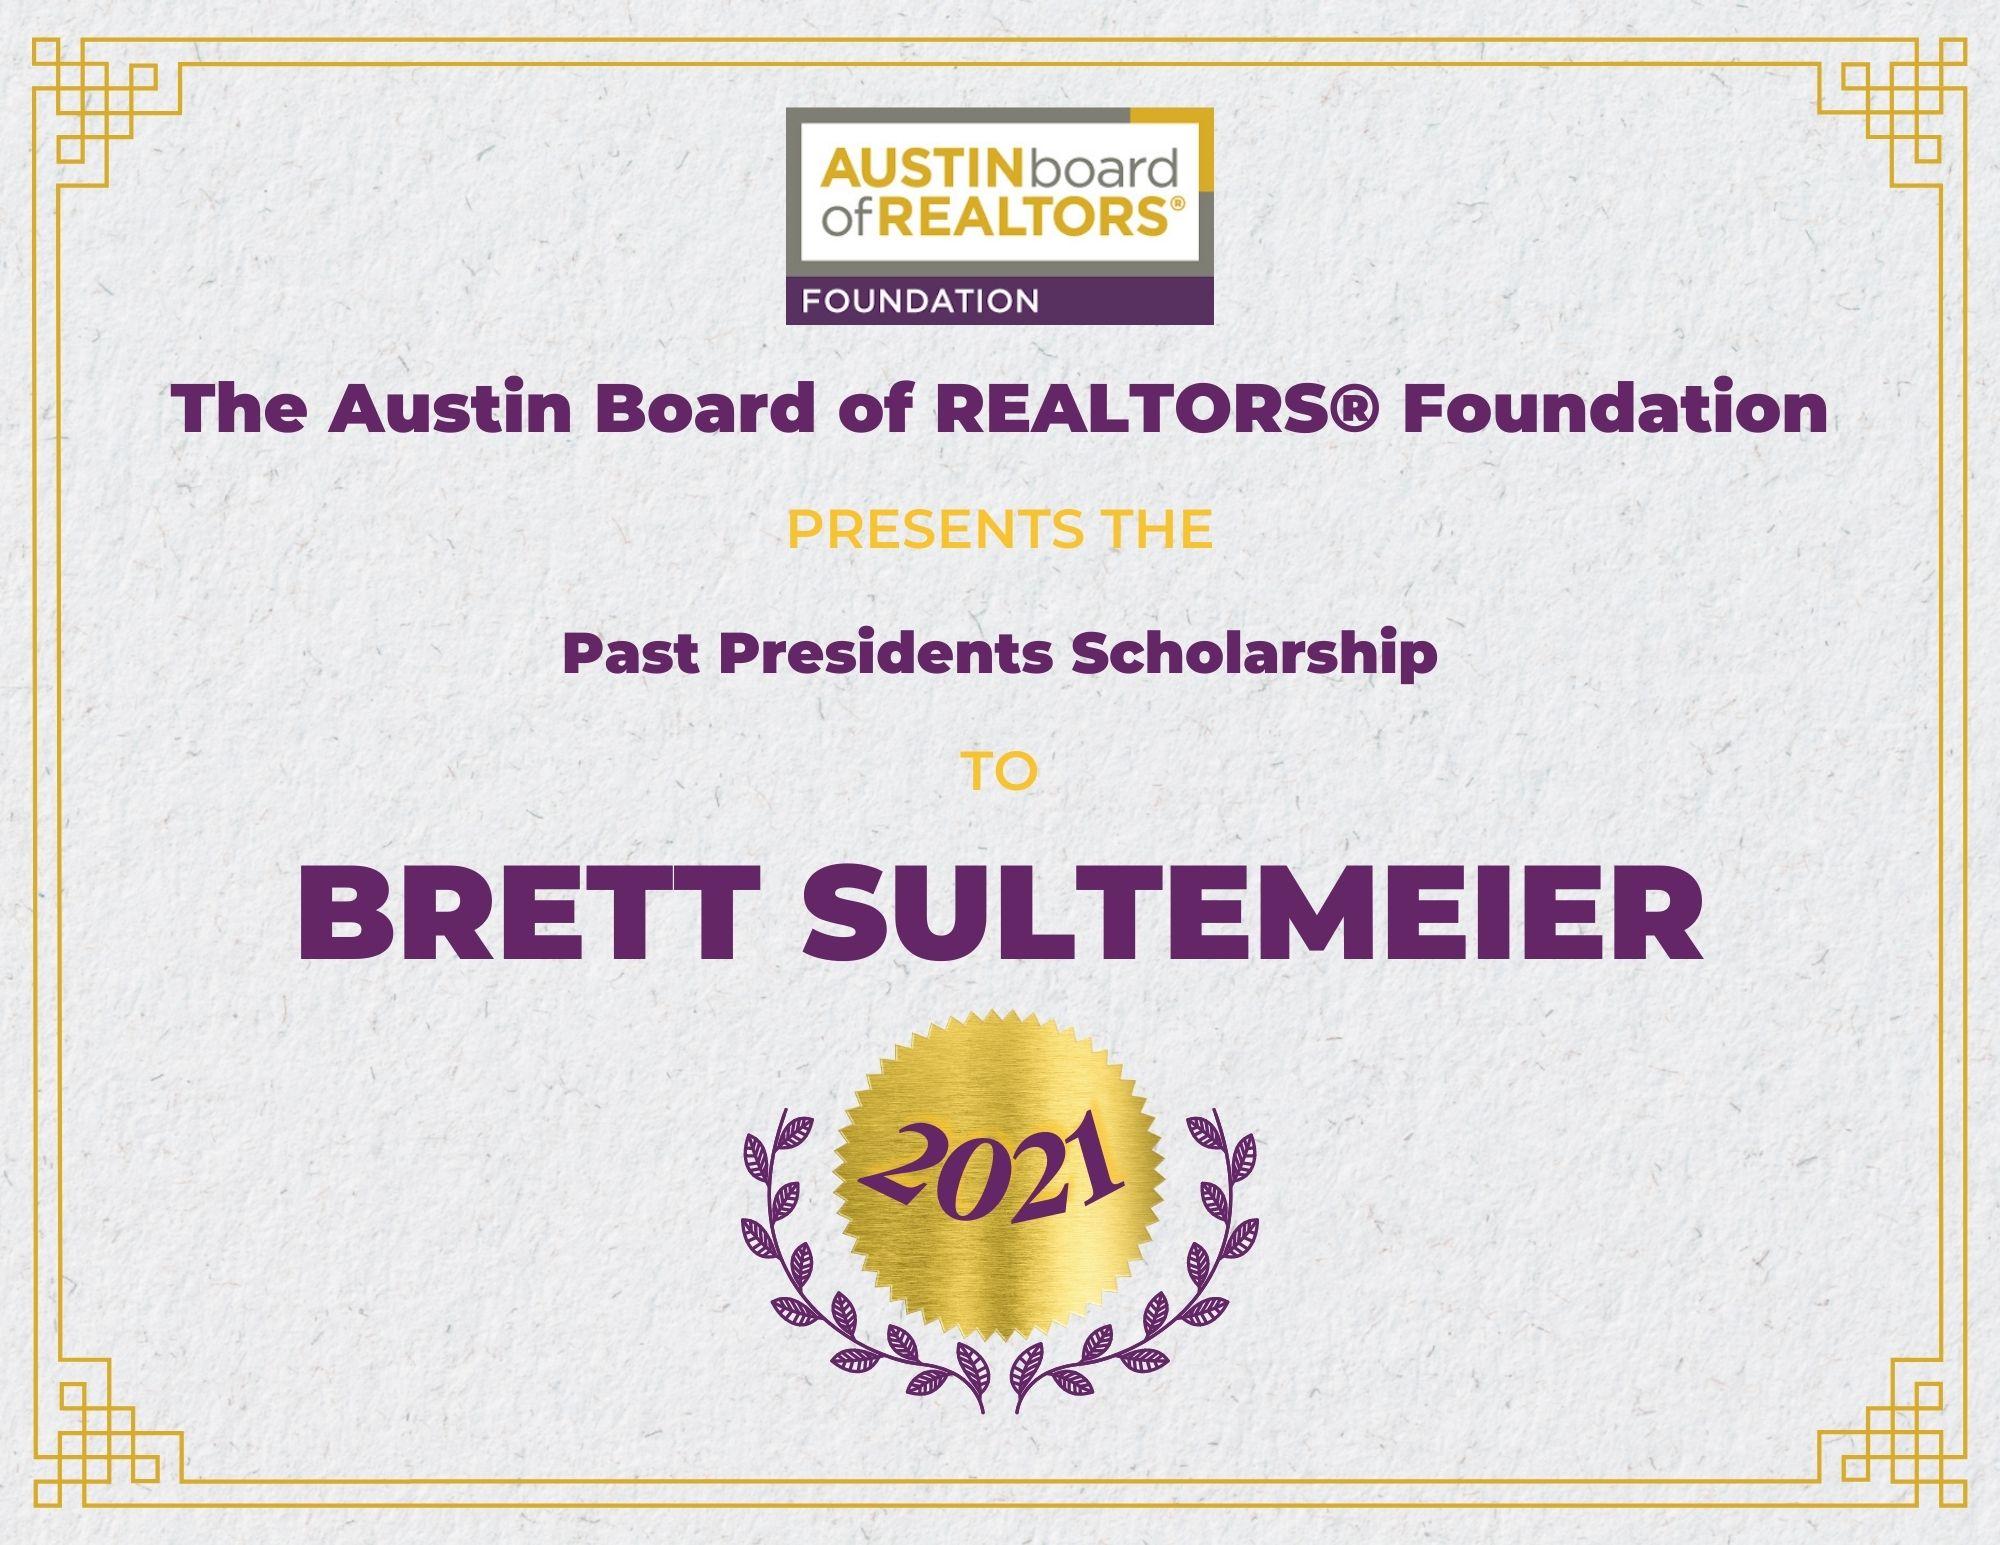 2021 Fou Scholarship Certificate Brettsultemeier